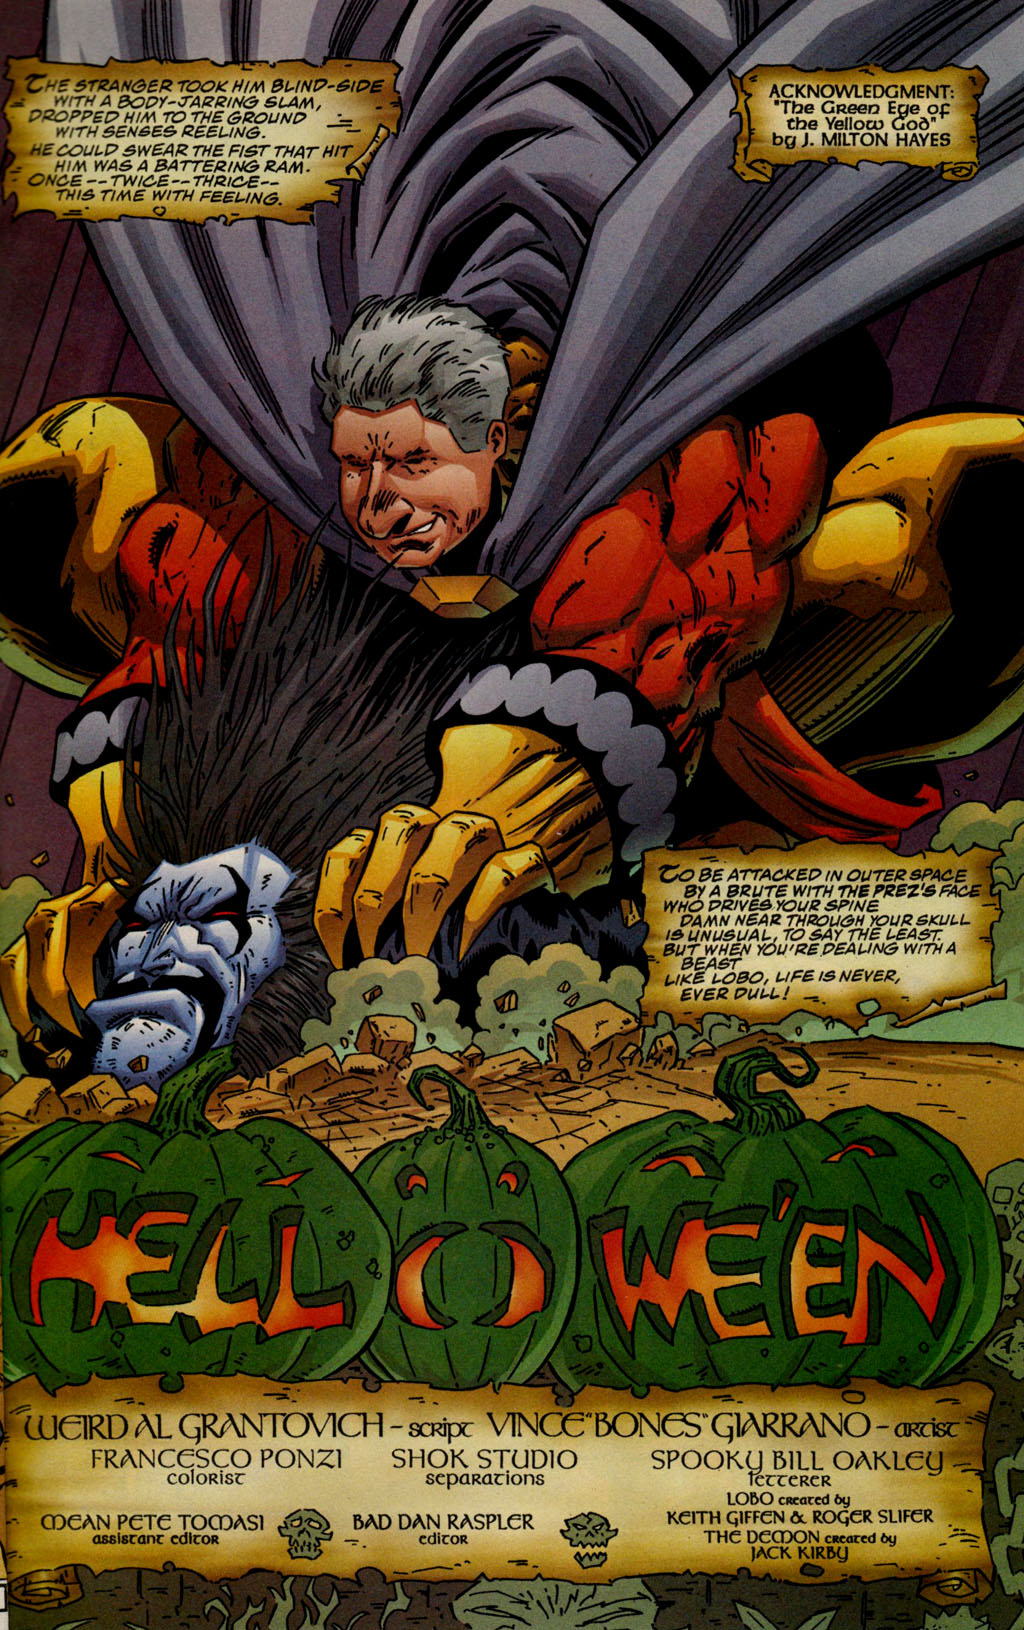 Read online Lobo/Demon: Hellowe'en comic -  Issue # Full - 4